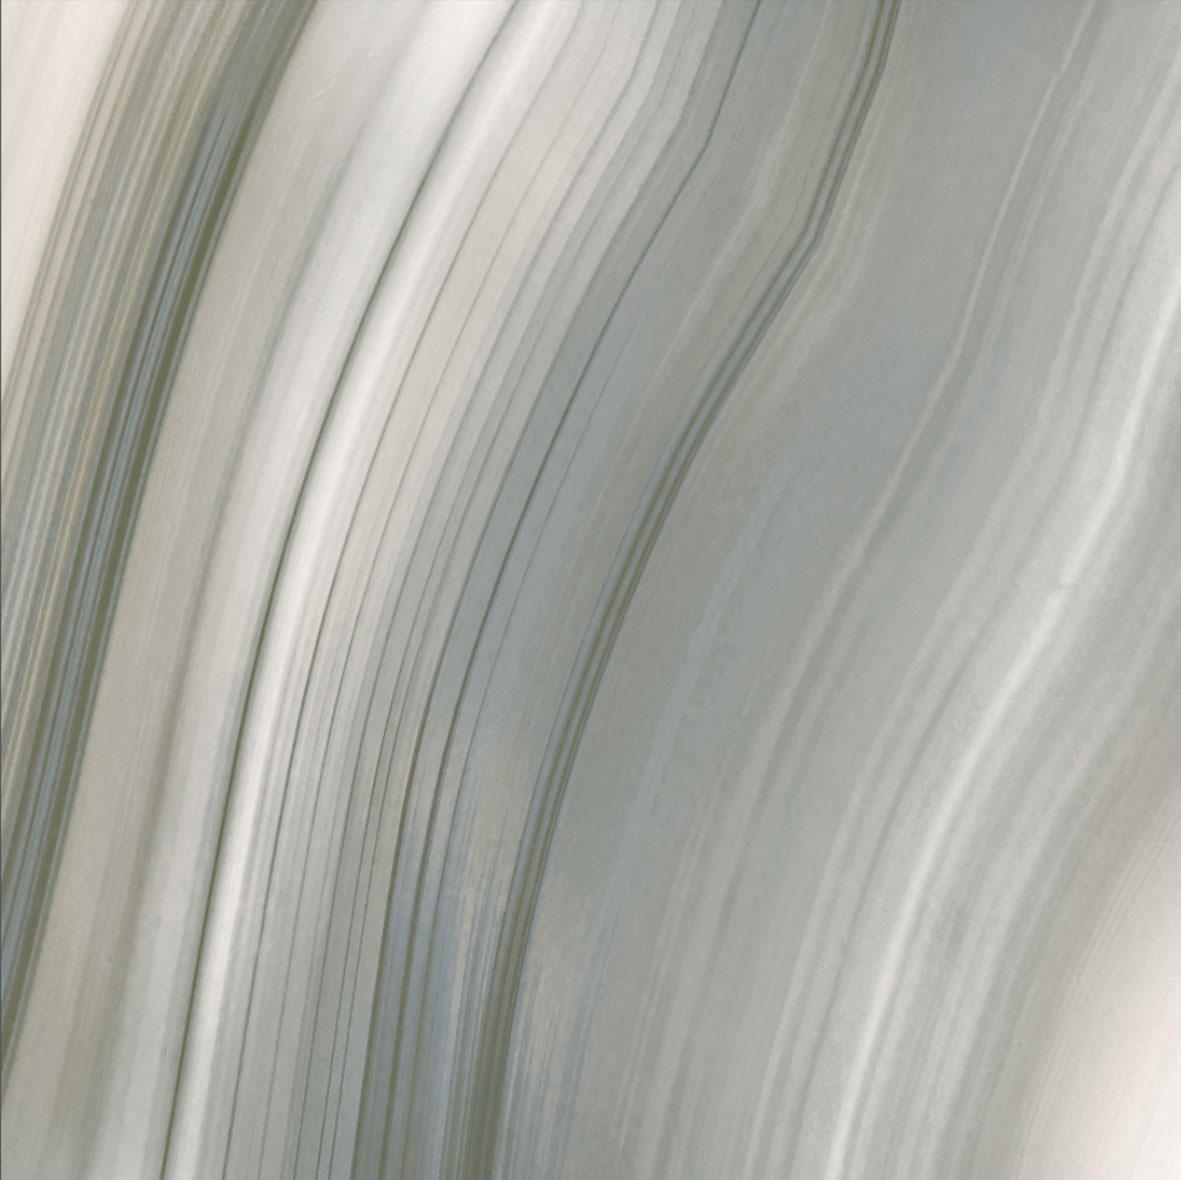 La Fabbrica Astra Turchese LA069014 Boden-/Wandfliese 58x58 Lappato